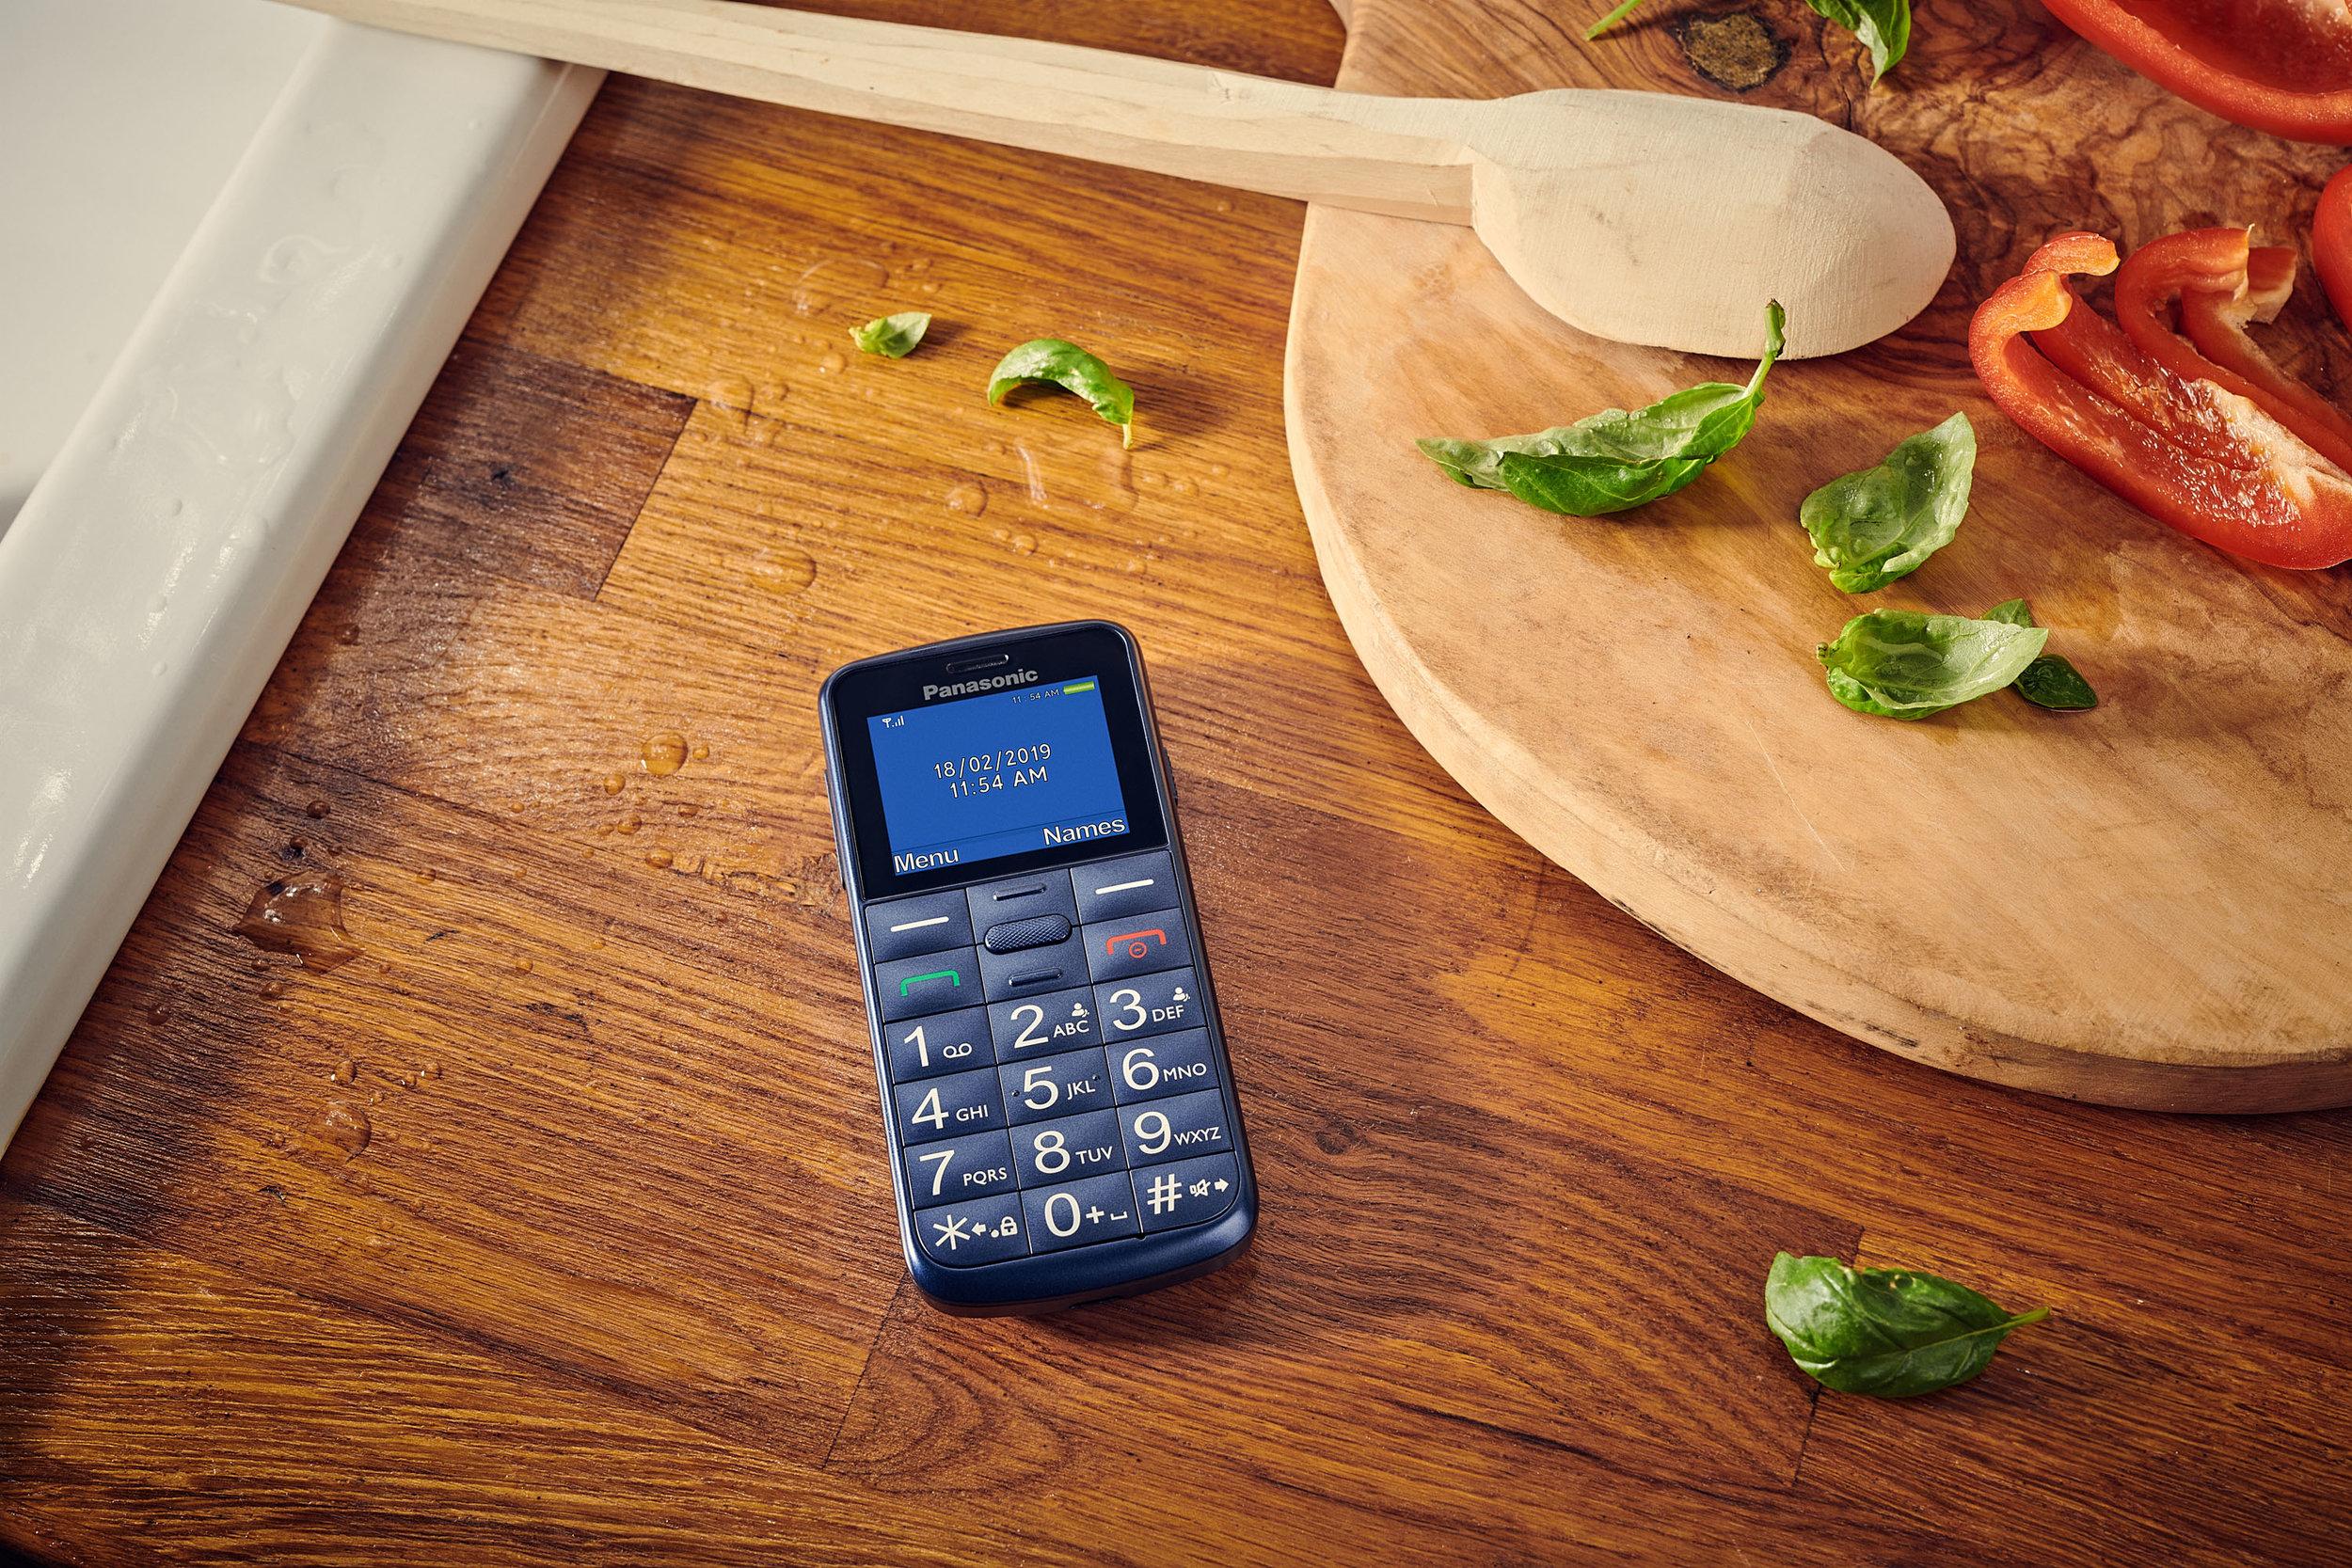 Panasonic Phones01194.jpg